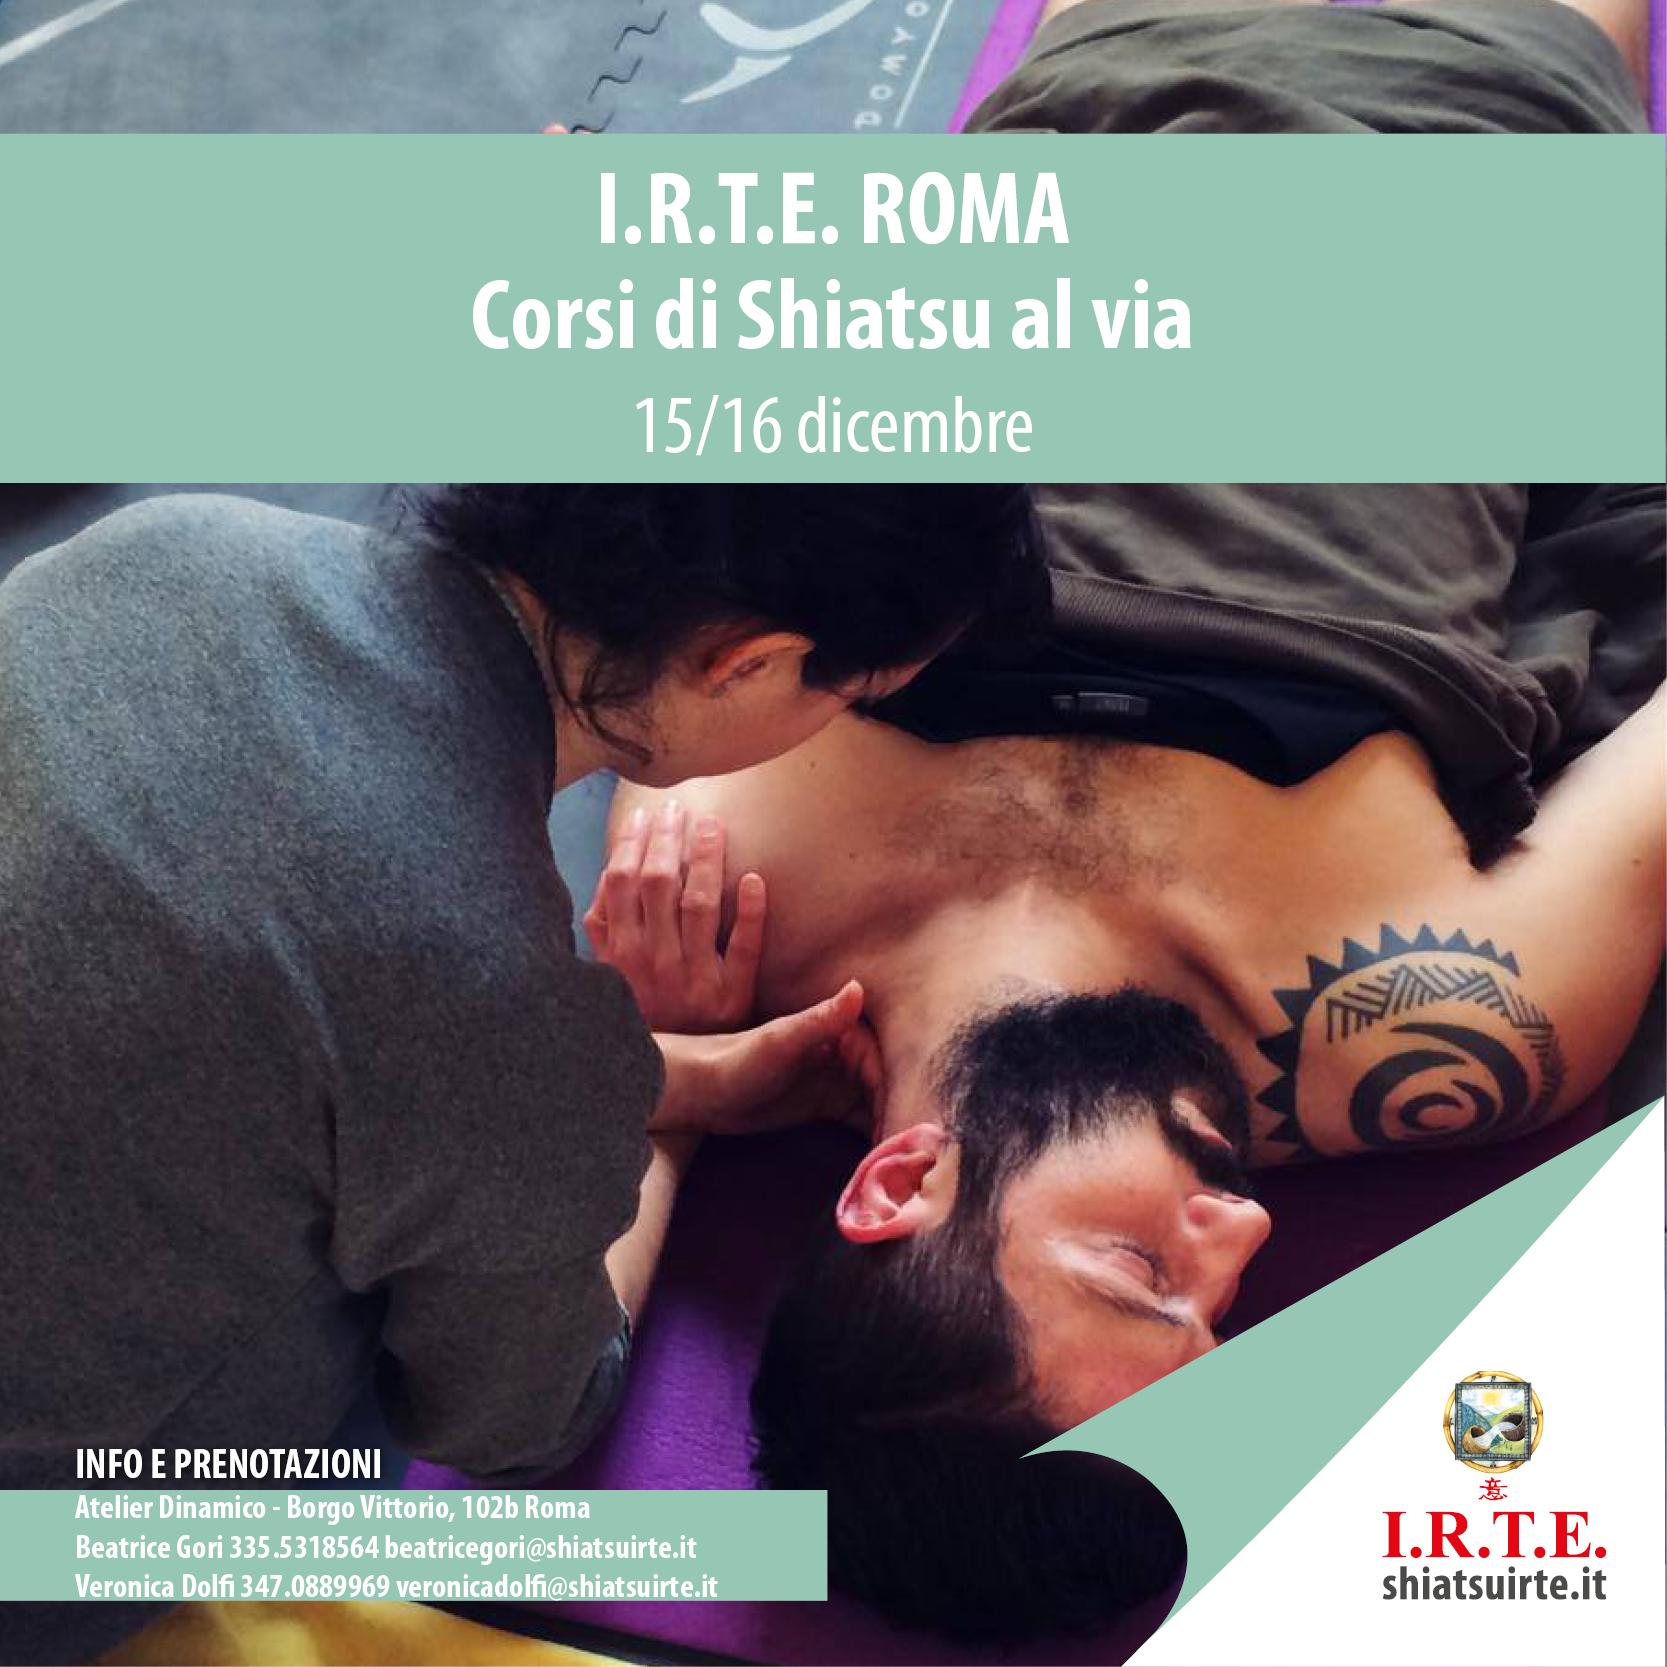 Corsi Shiatsu al via a Roma nel weekend di 15/16 dicembre